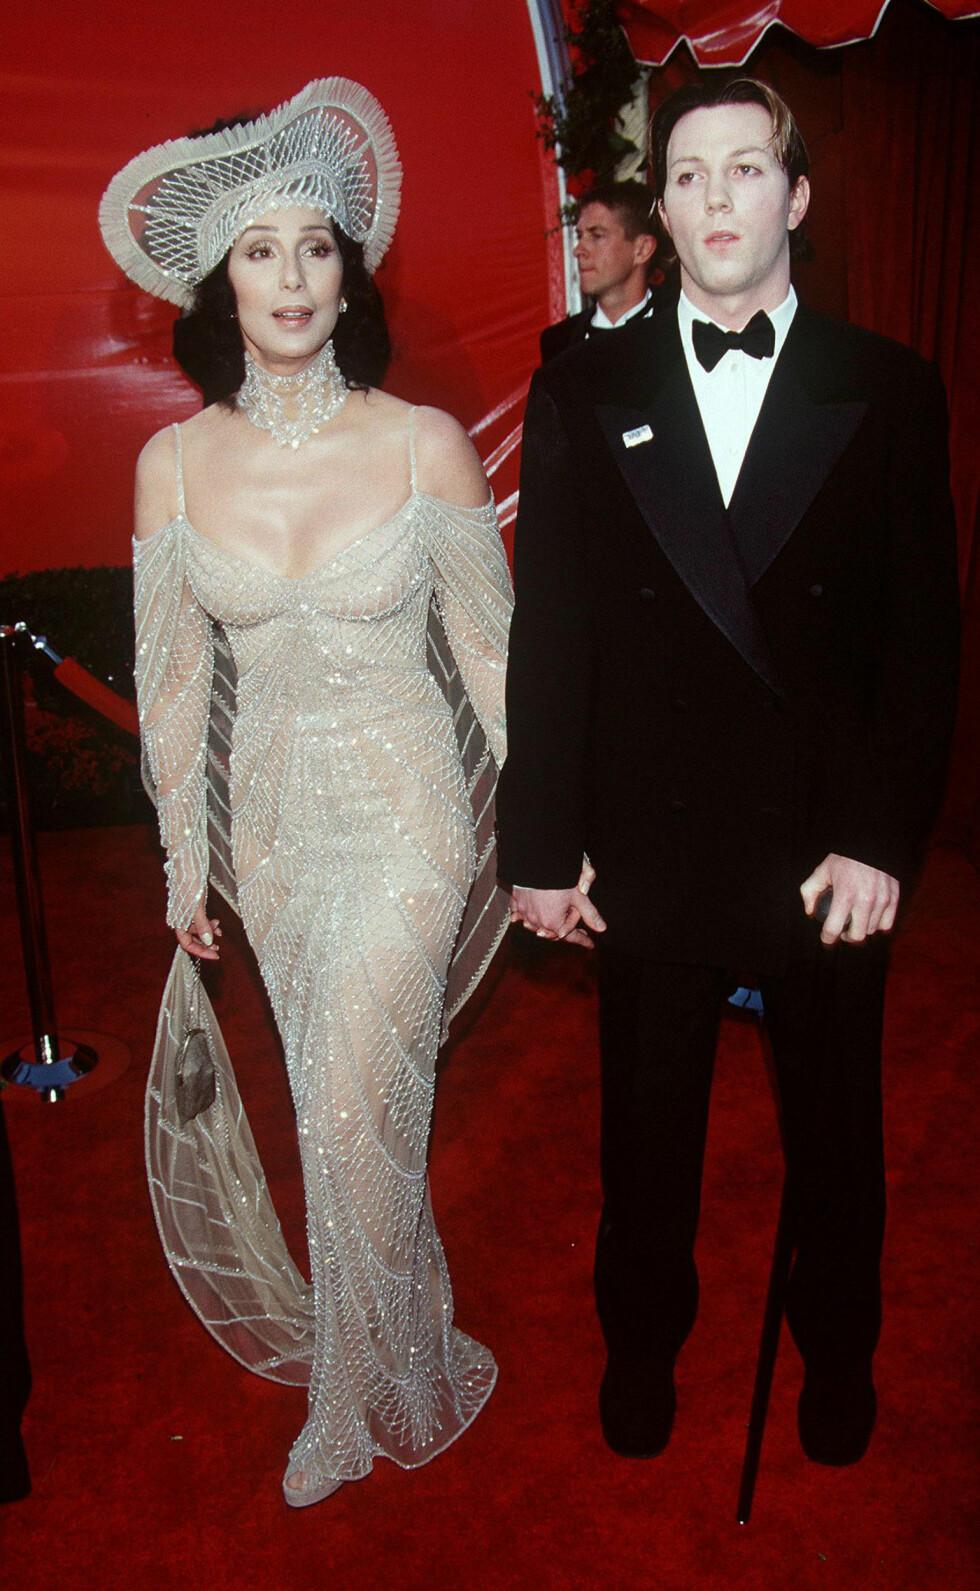 I 1998: Sangstjernen Cher klinket til med nok et oppsiktsvekkende antrekk på slutten av 90-tallet, da hun ankom Oscar-utdelingen med sønnen Chaz Bono. Foto: Dave Lewis/REX/All Over Press